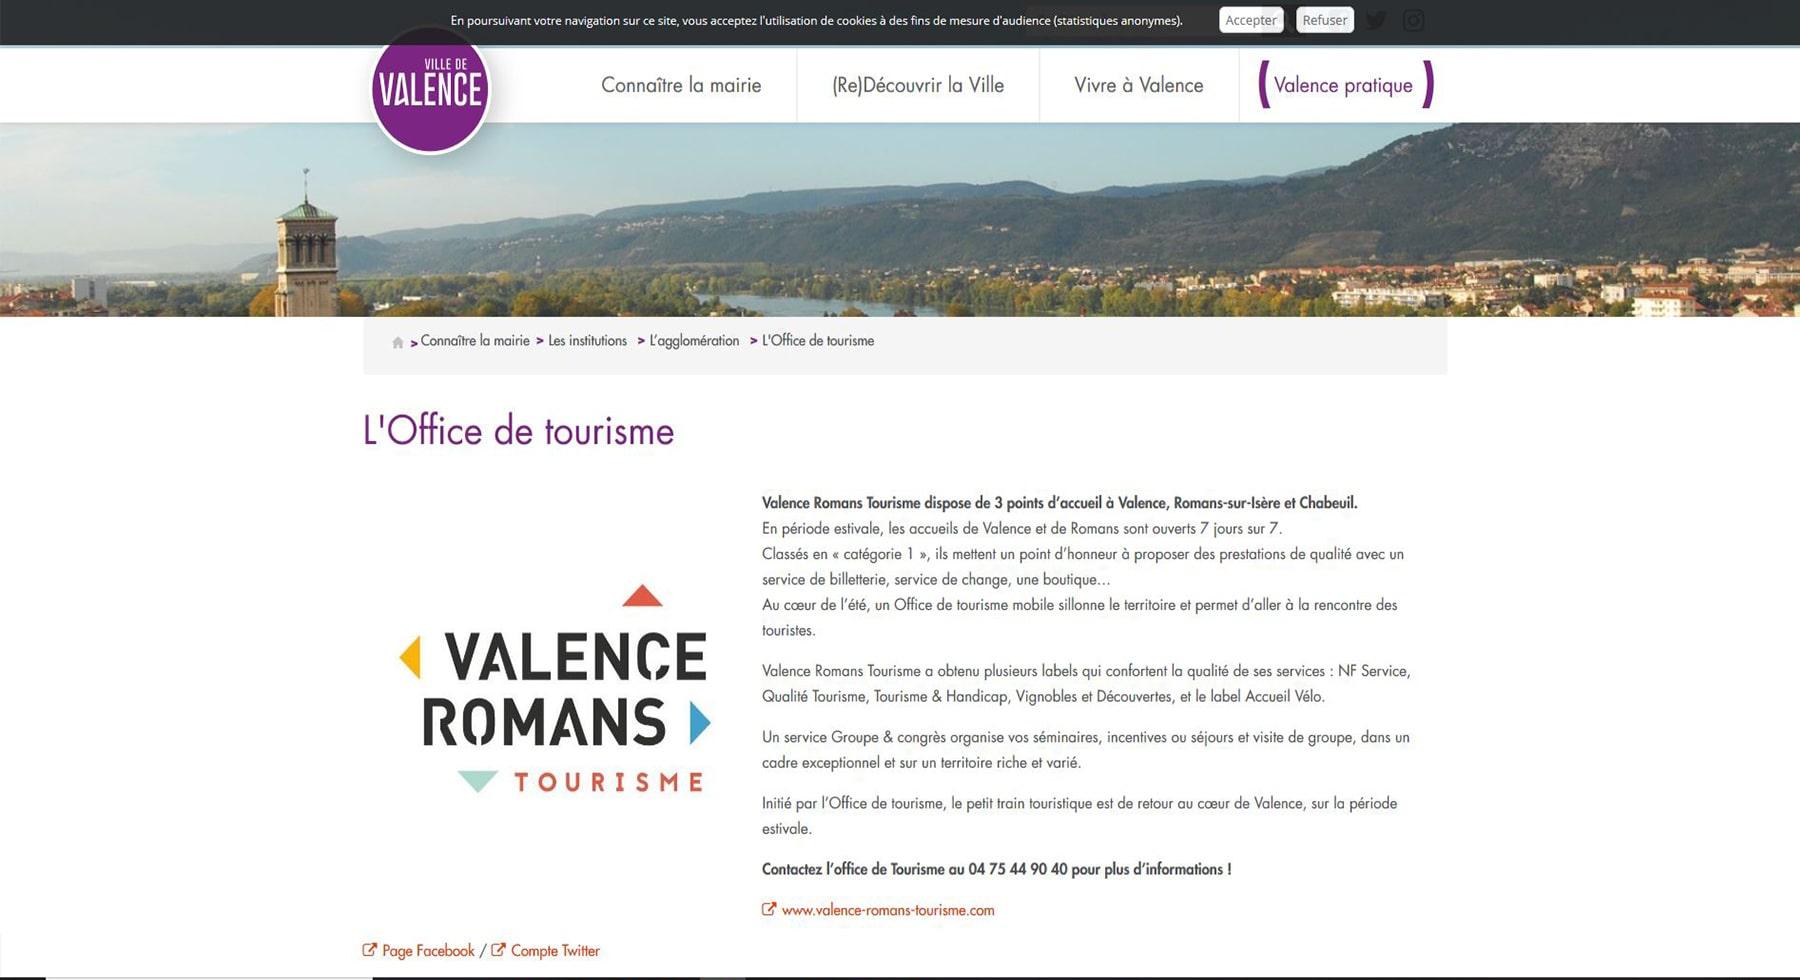 Office de tourisme de Valence